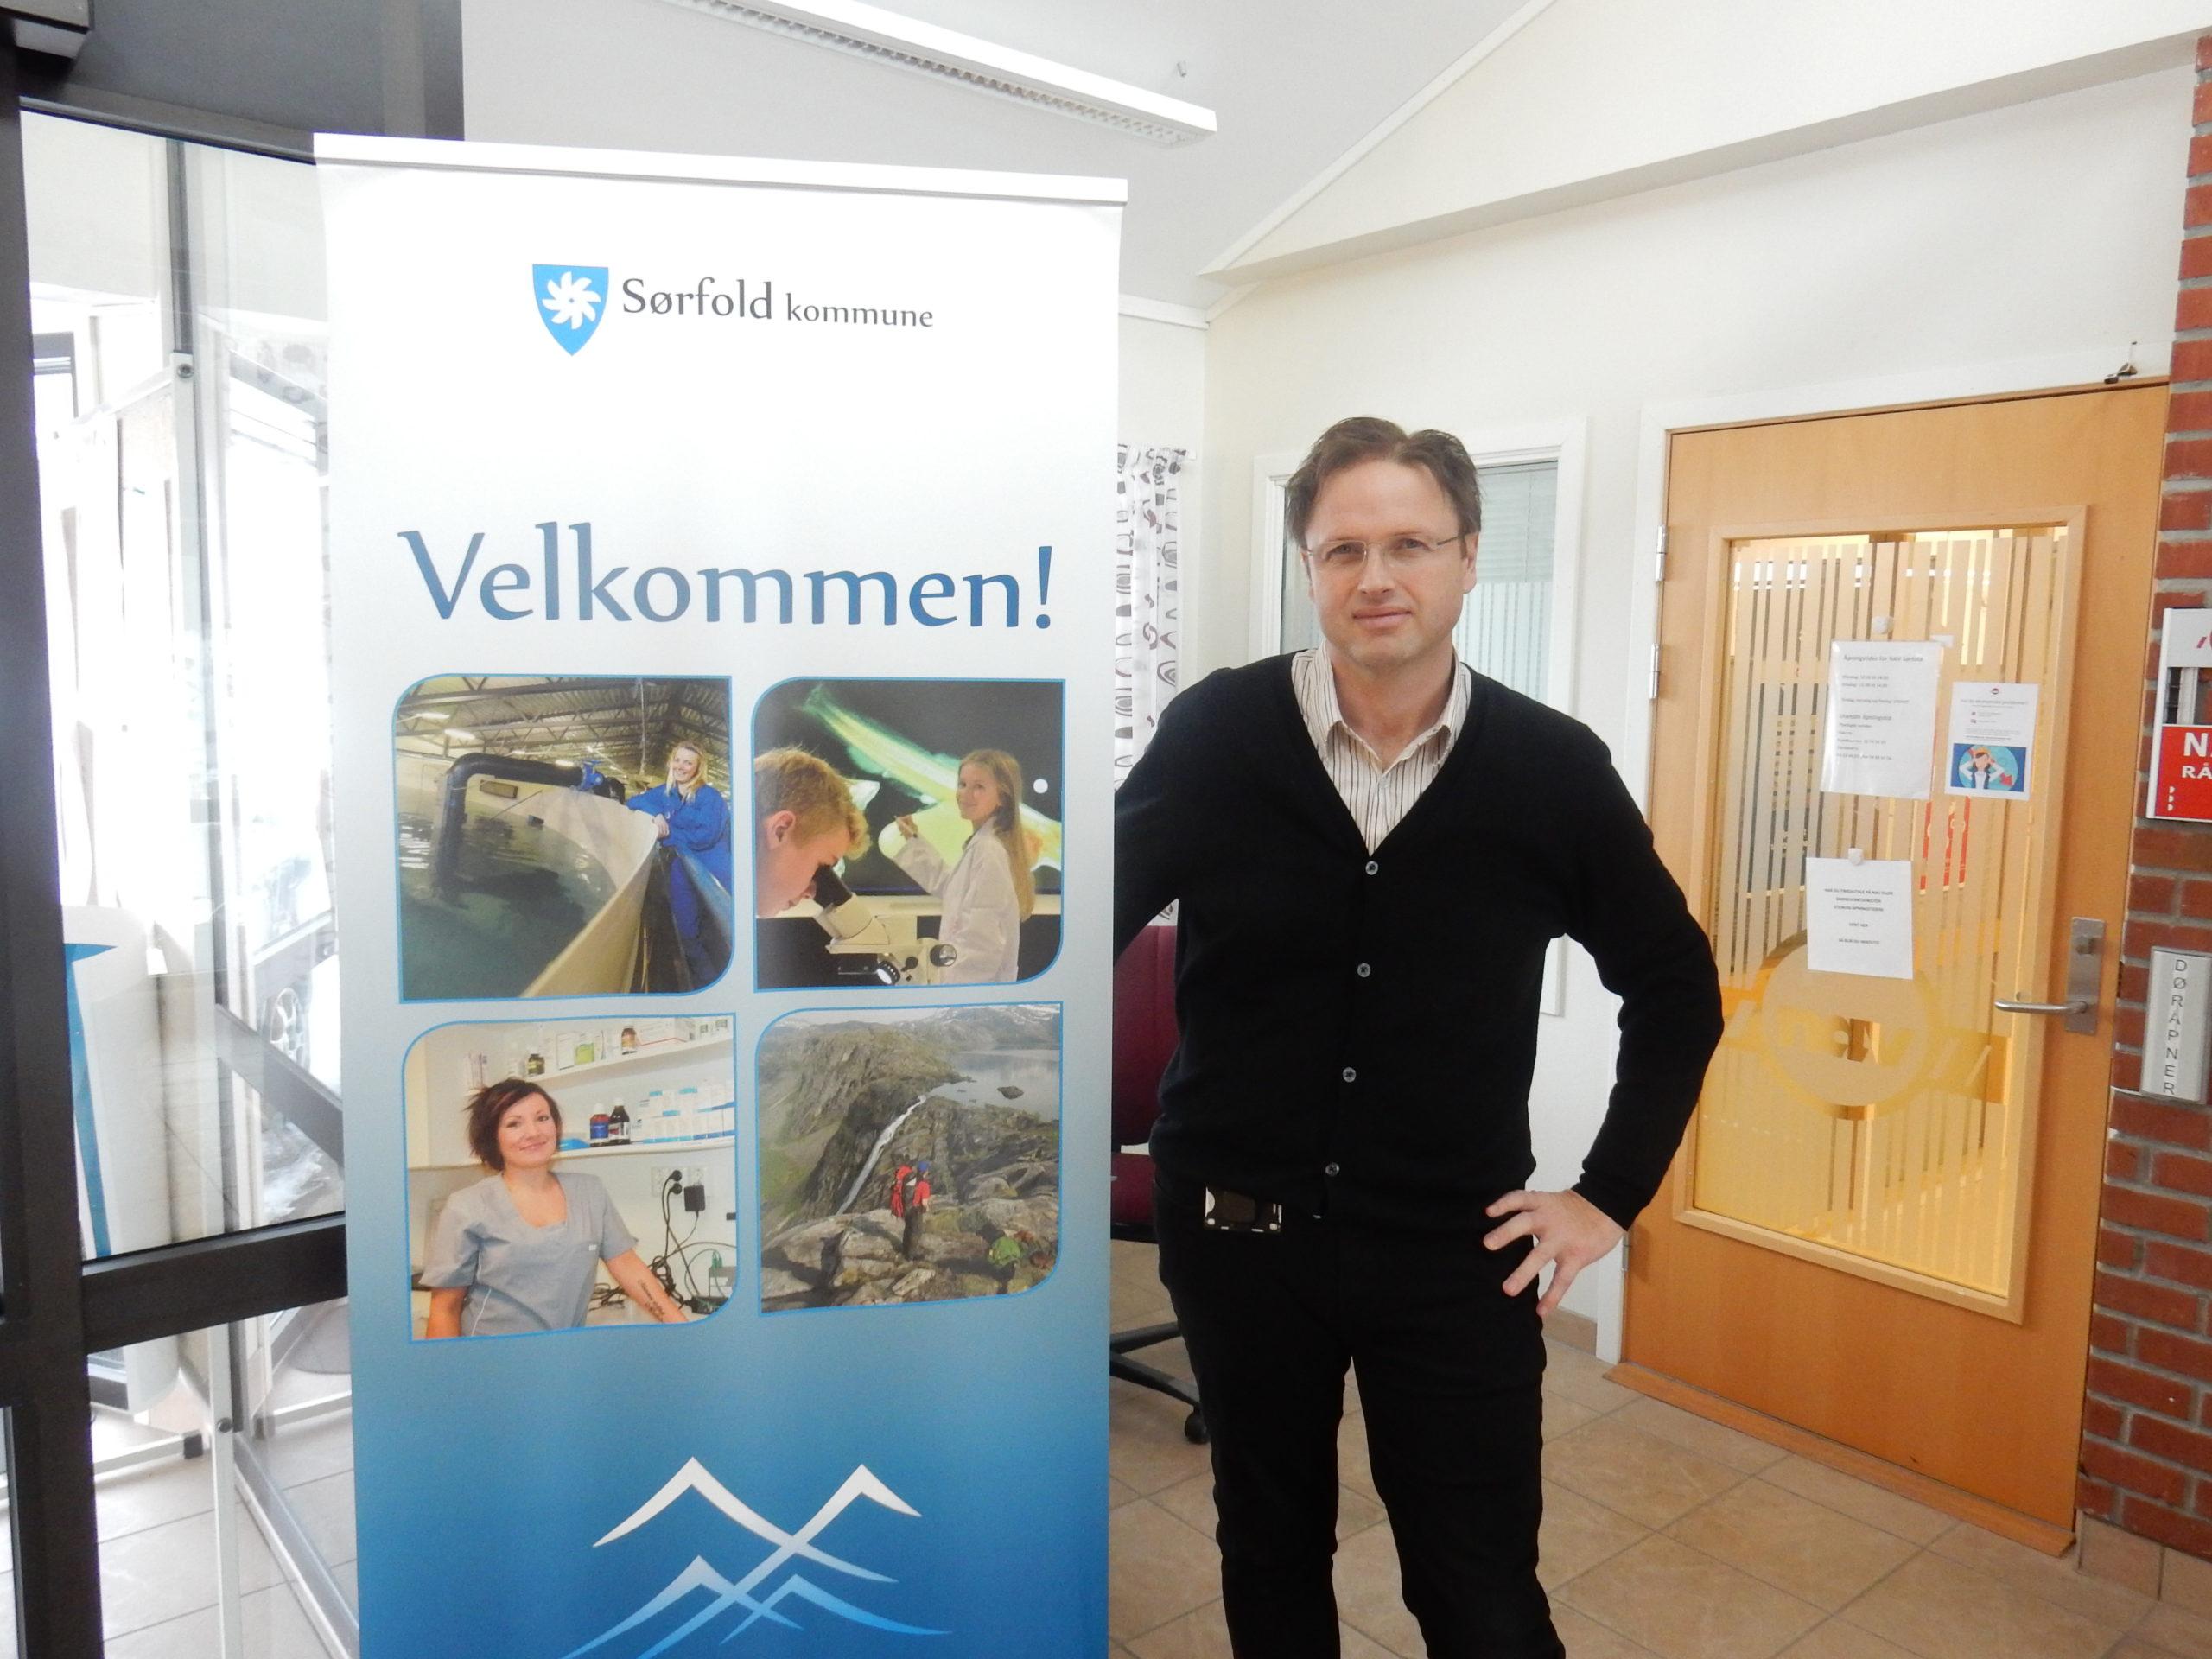 Kommunedirektør Stig Arne Holtedahl er klar til å ta i mot Sørfold kommunes første trainee gjennom tidene!